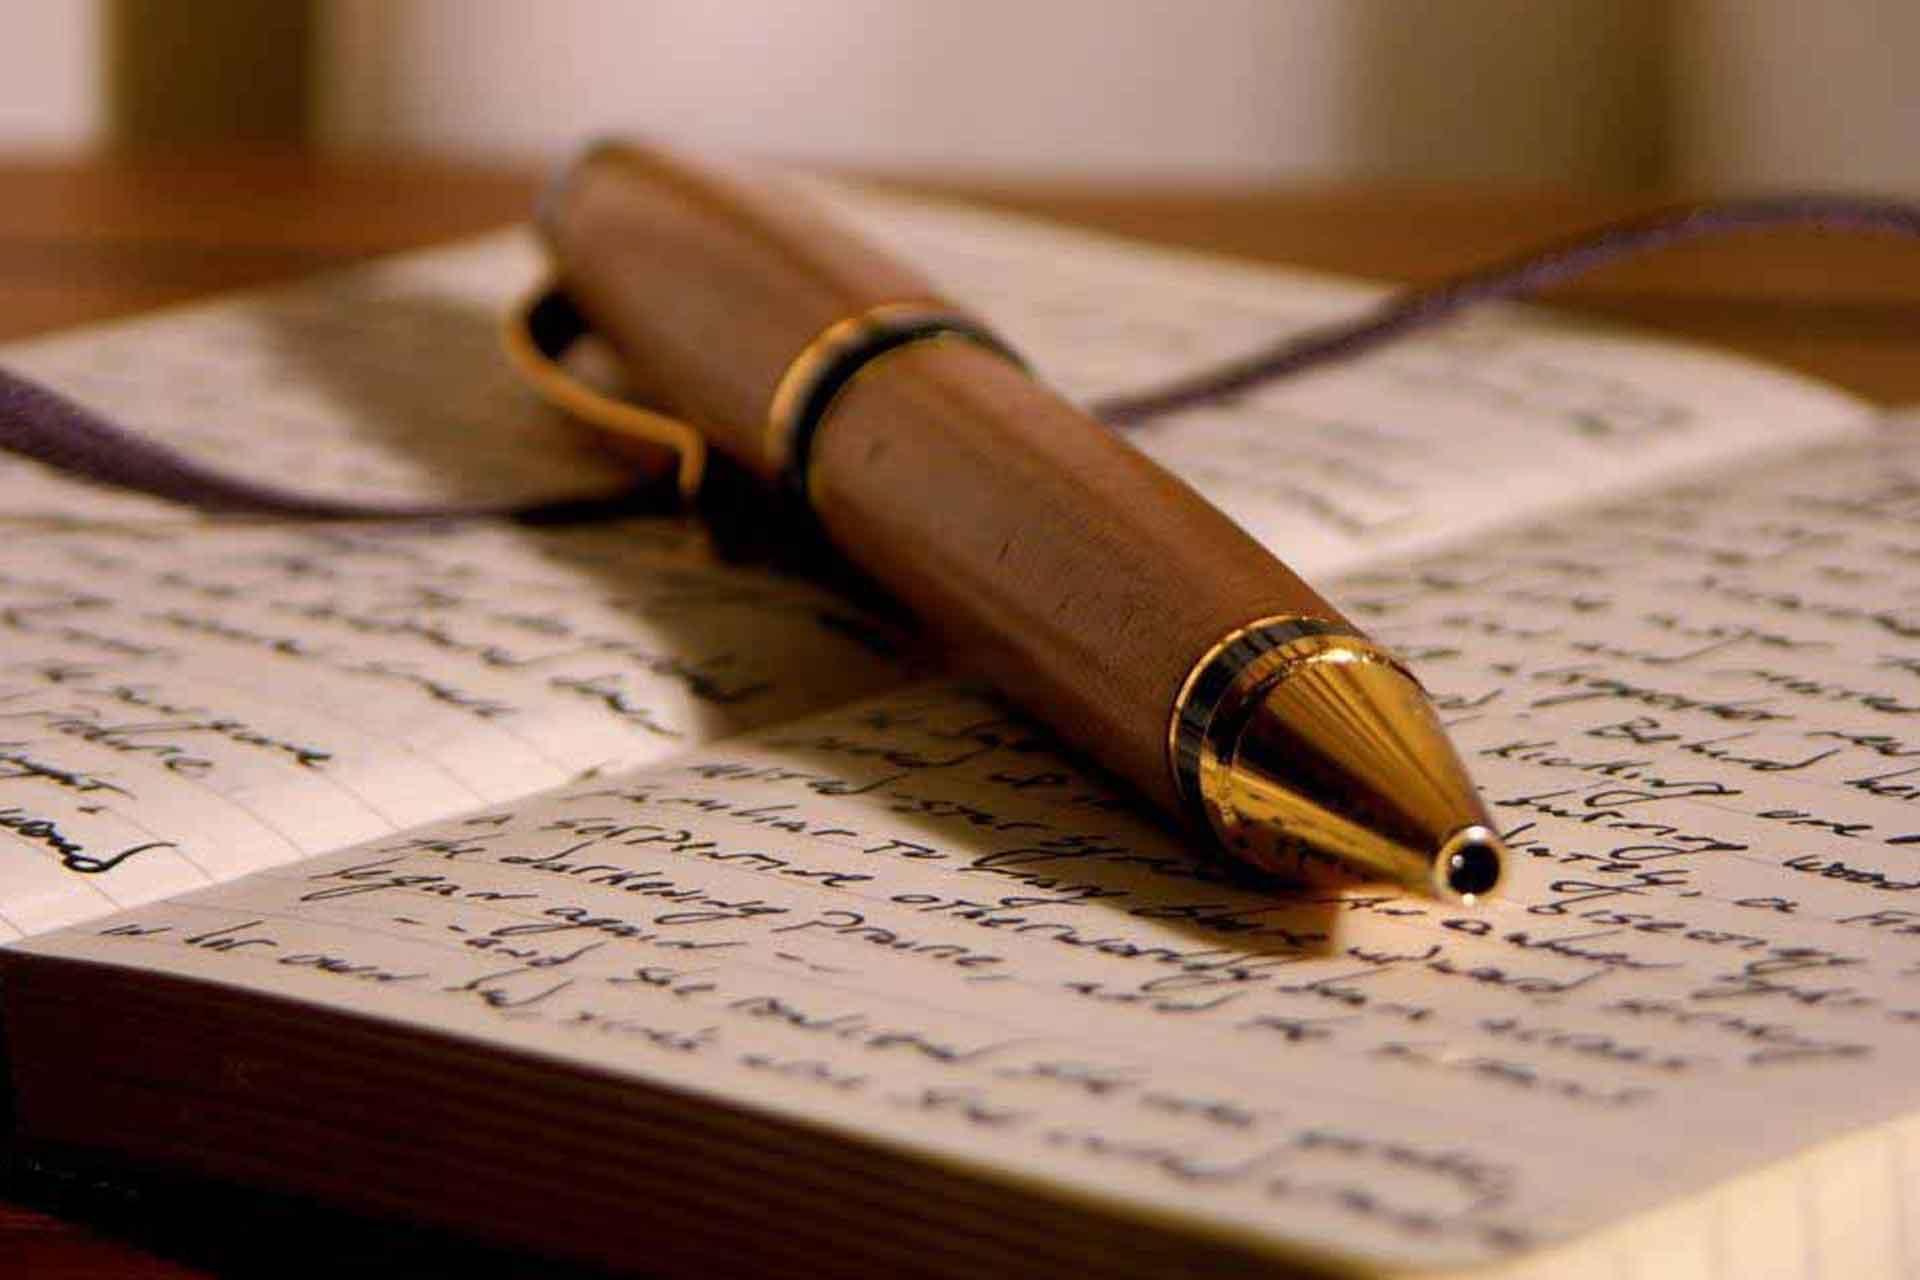 Başkaldırı ile uyumun birlikte ve zıtlıkla yol aldığı bir yaşam keşfidir, öykü…